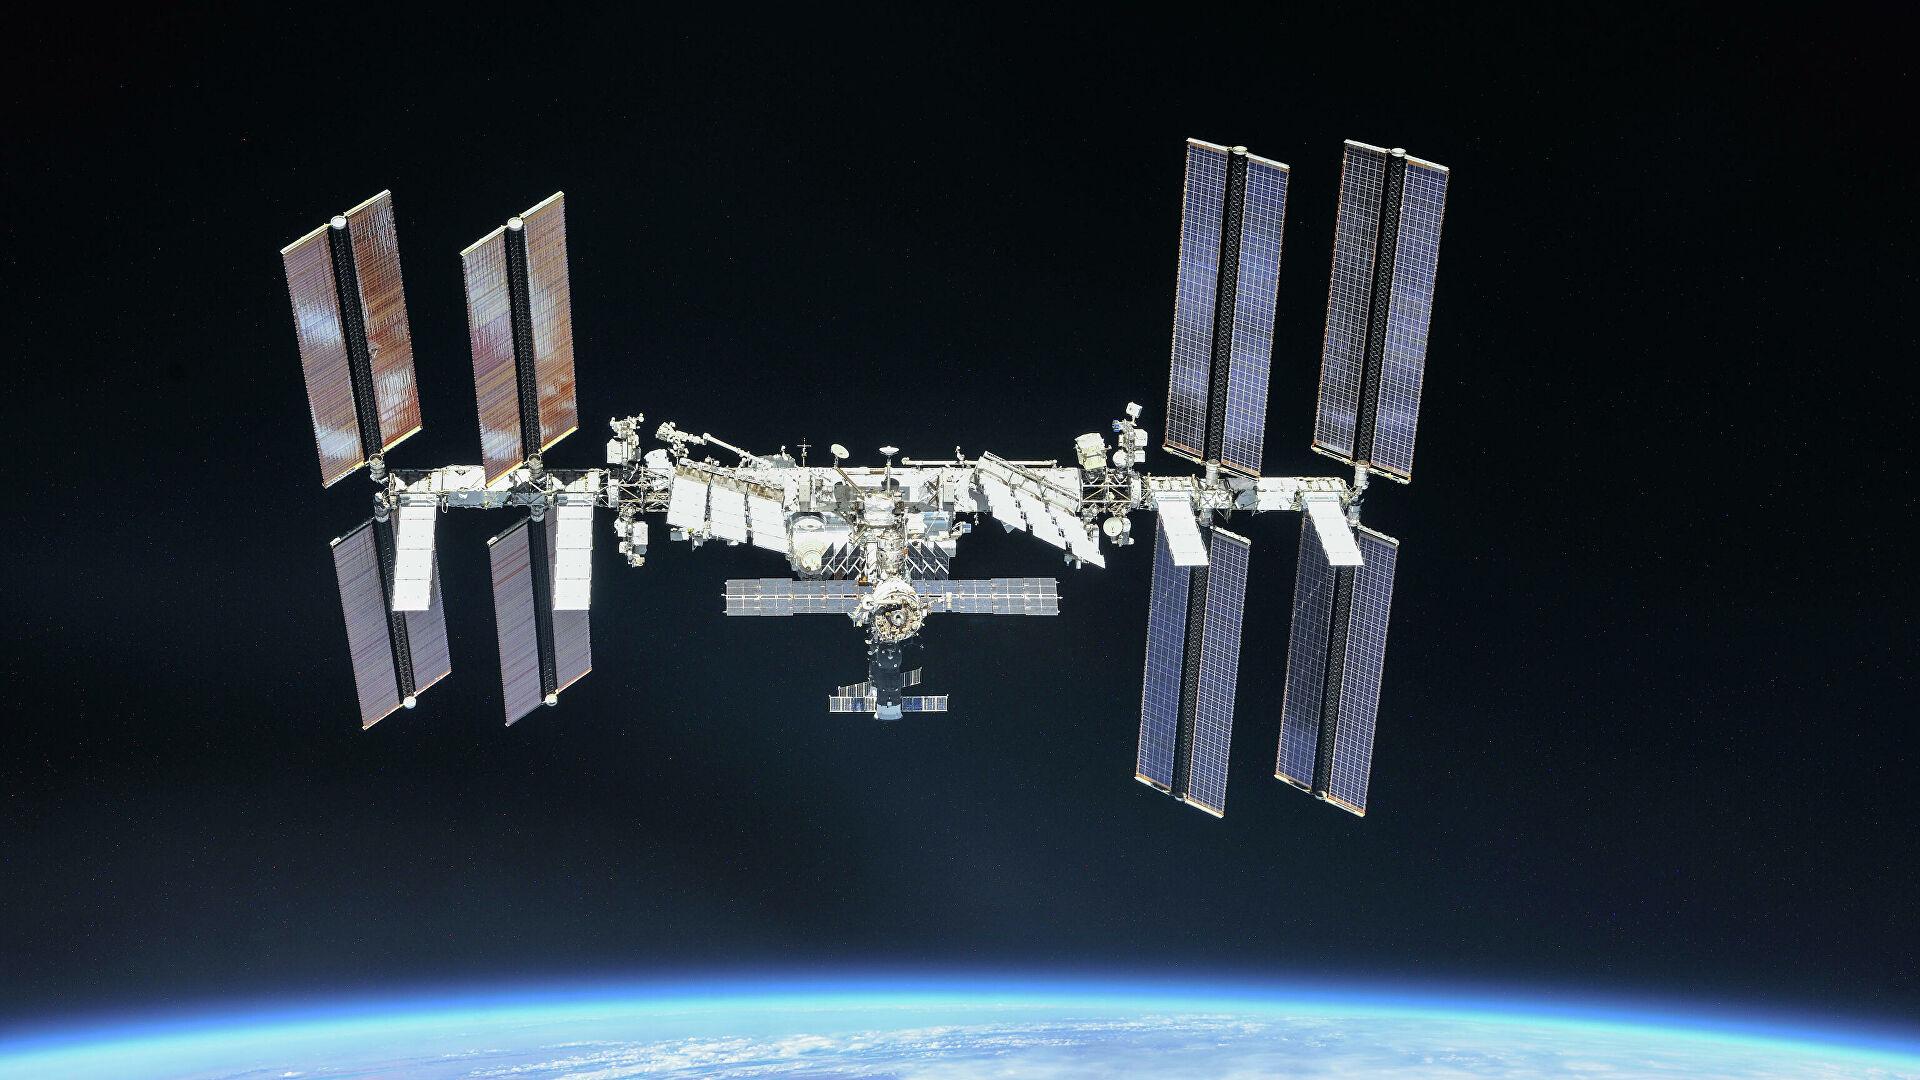 Rogozin: Rusija odlučila da samostalno izgradi novu orbitalnu stanicu jer je to jedini način da se to dobro izvede